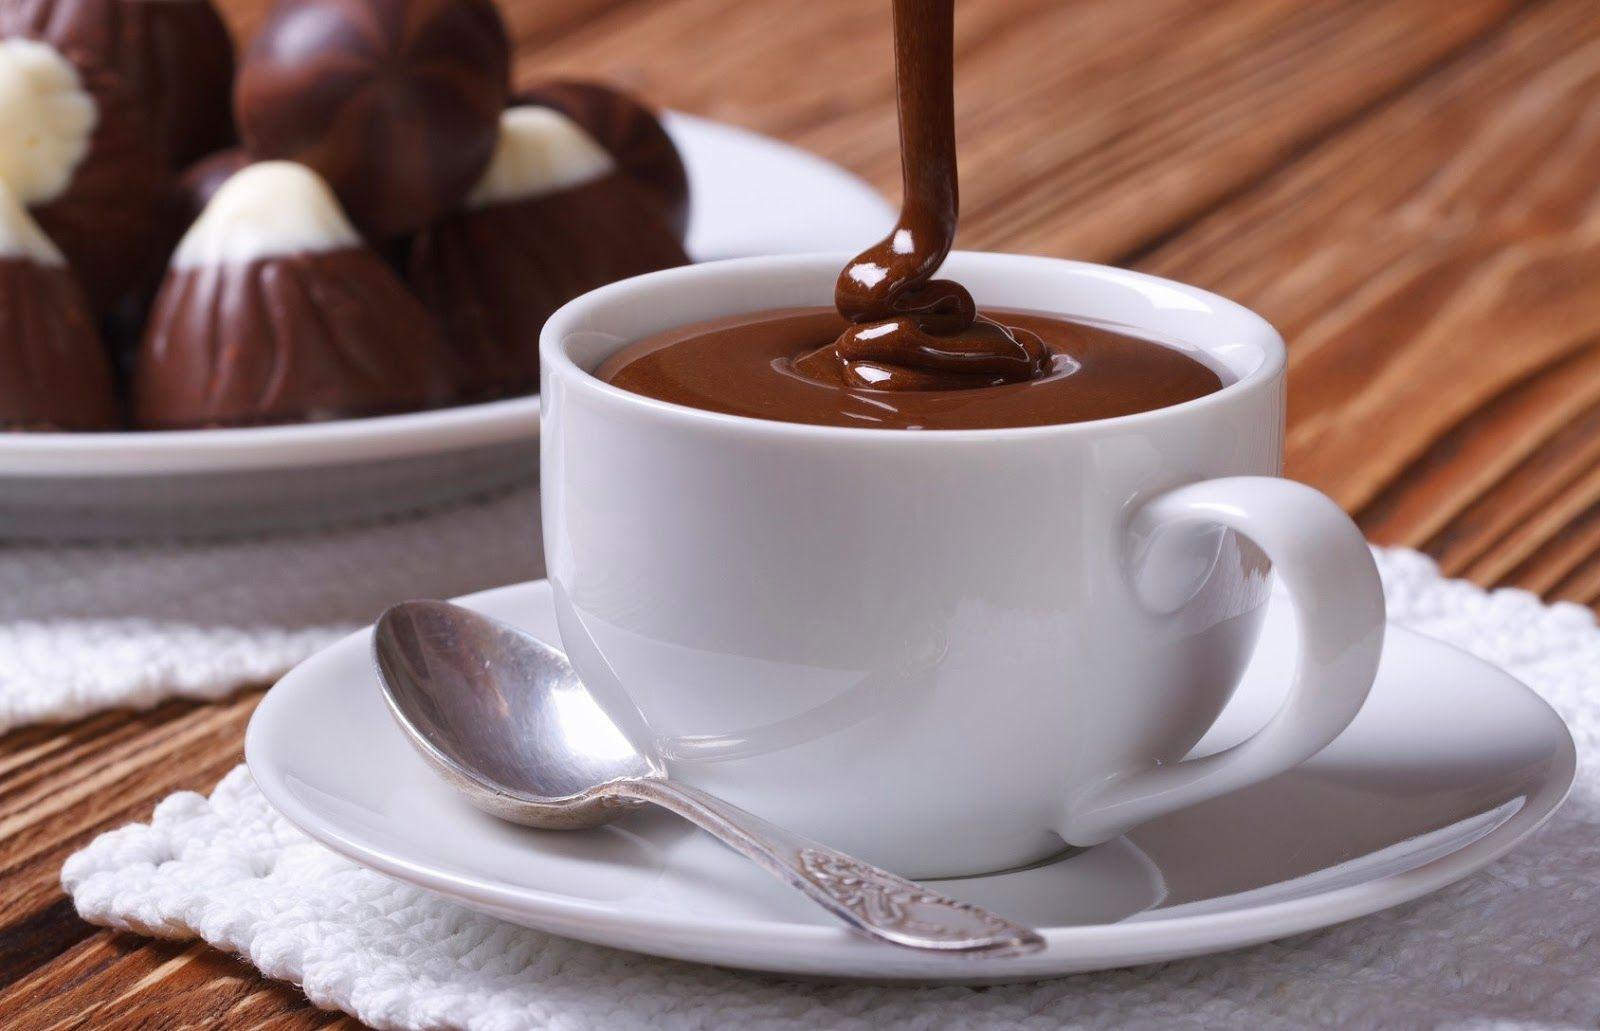 Cioccolata calda con il Cooking Chef - Ciobar fatto in casa ...